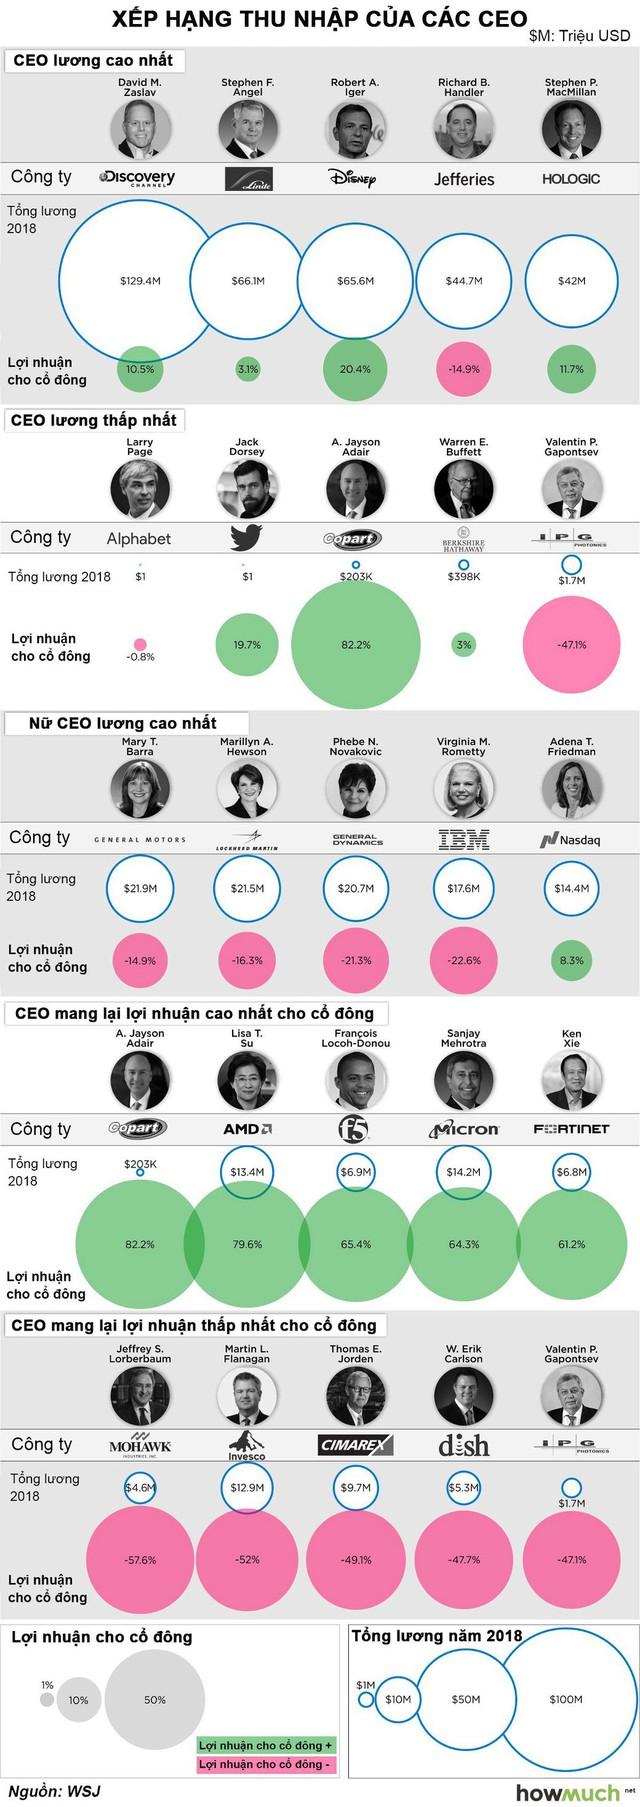 CEO của các công ty trong S&P 500 được trả lương như thế nào? - Ảnh 1.